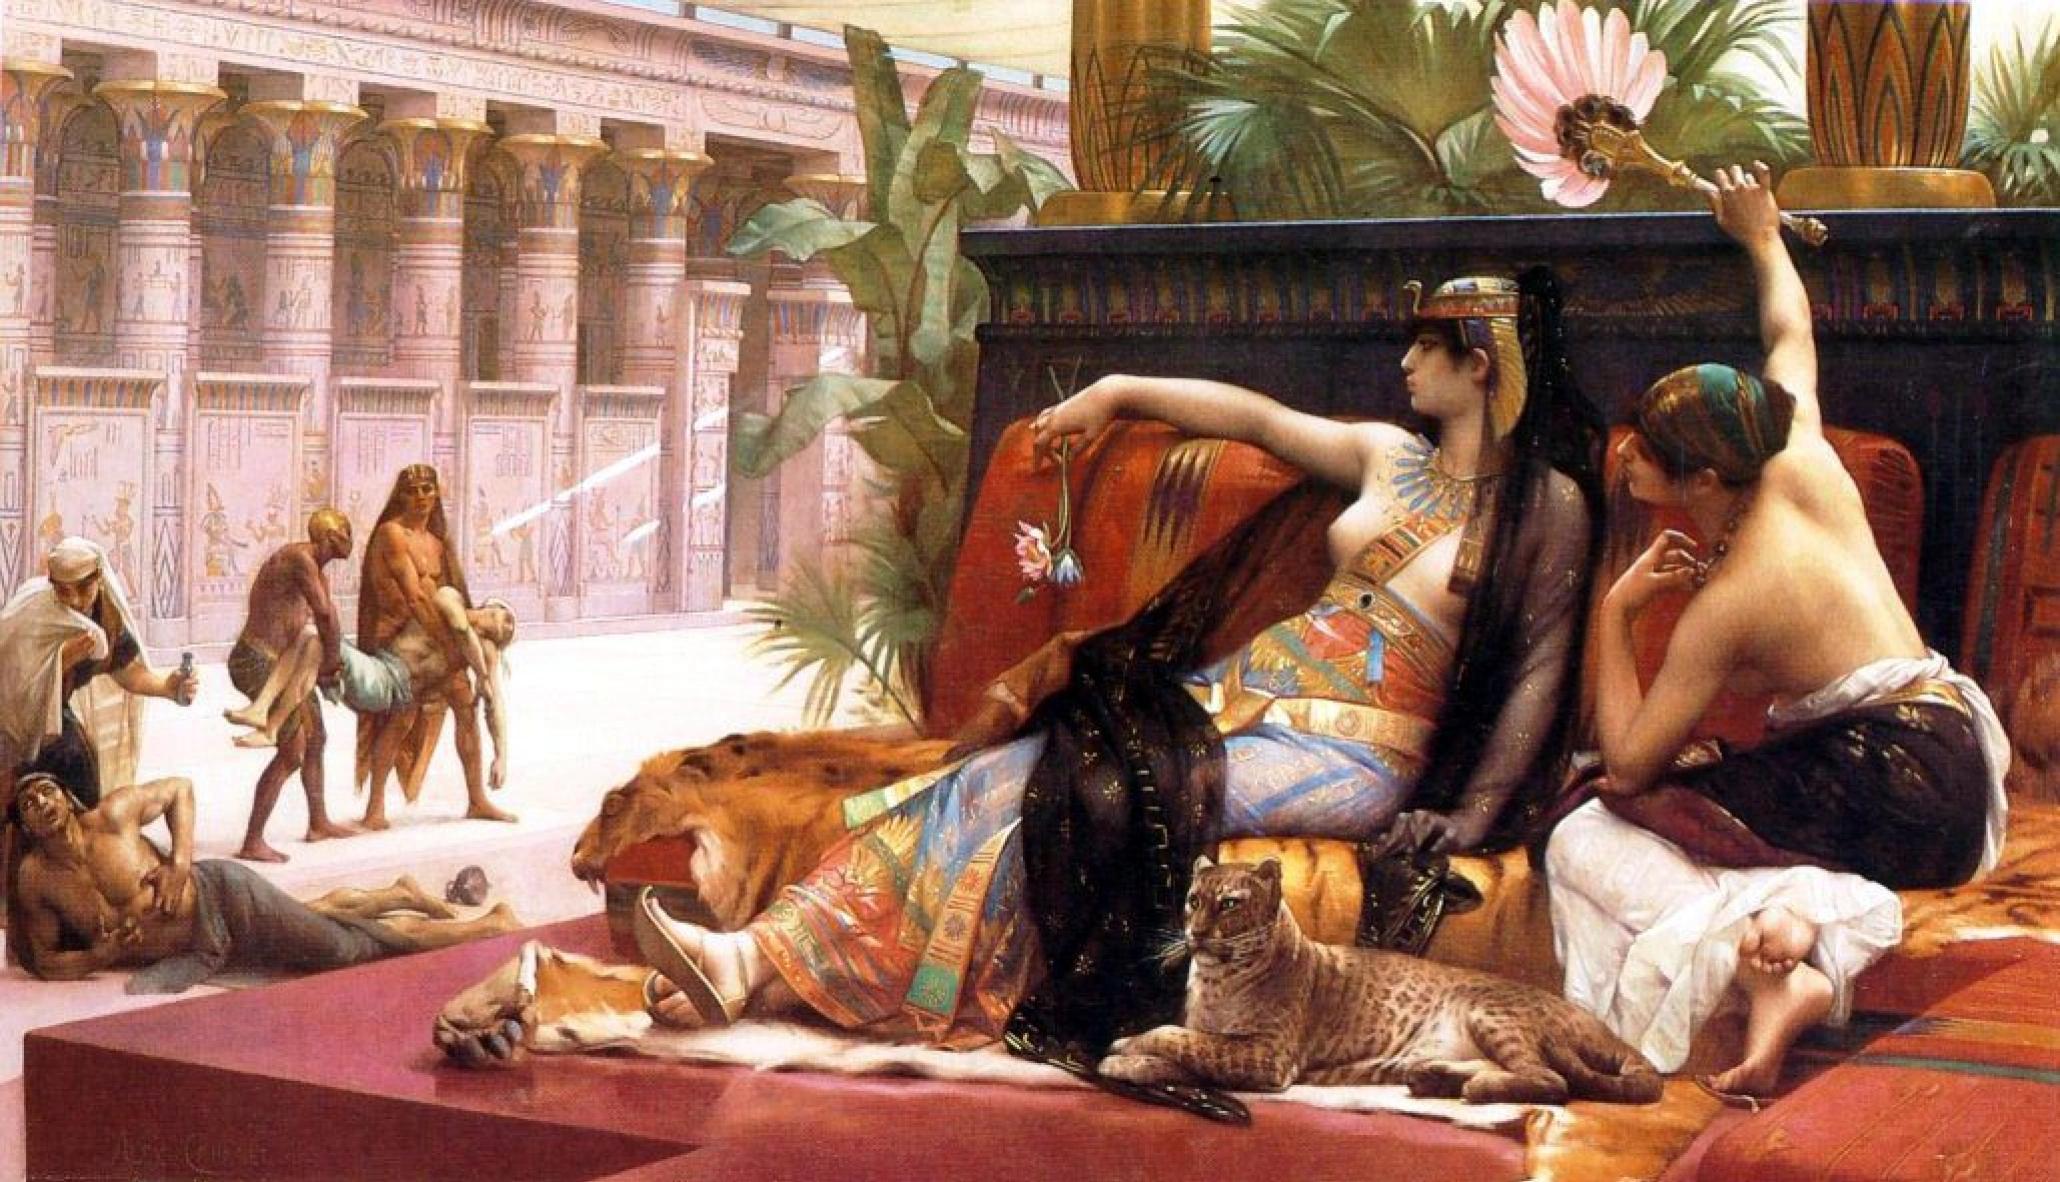 Клеопатра испытывает яд на узниках. Александр Кабанель, 1887. Много кого отравила Клеопатра за свою жизнь...